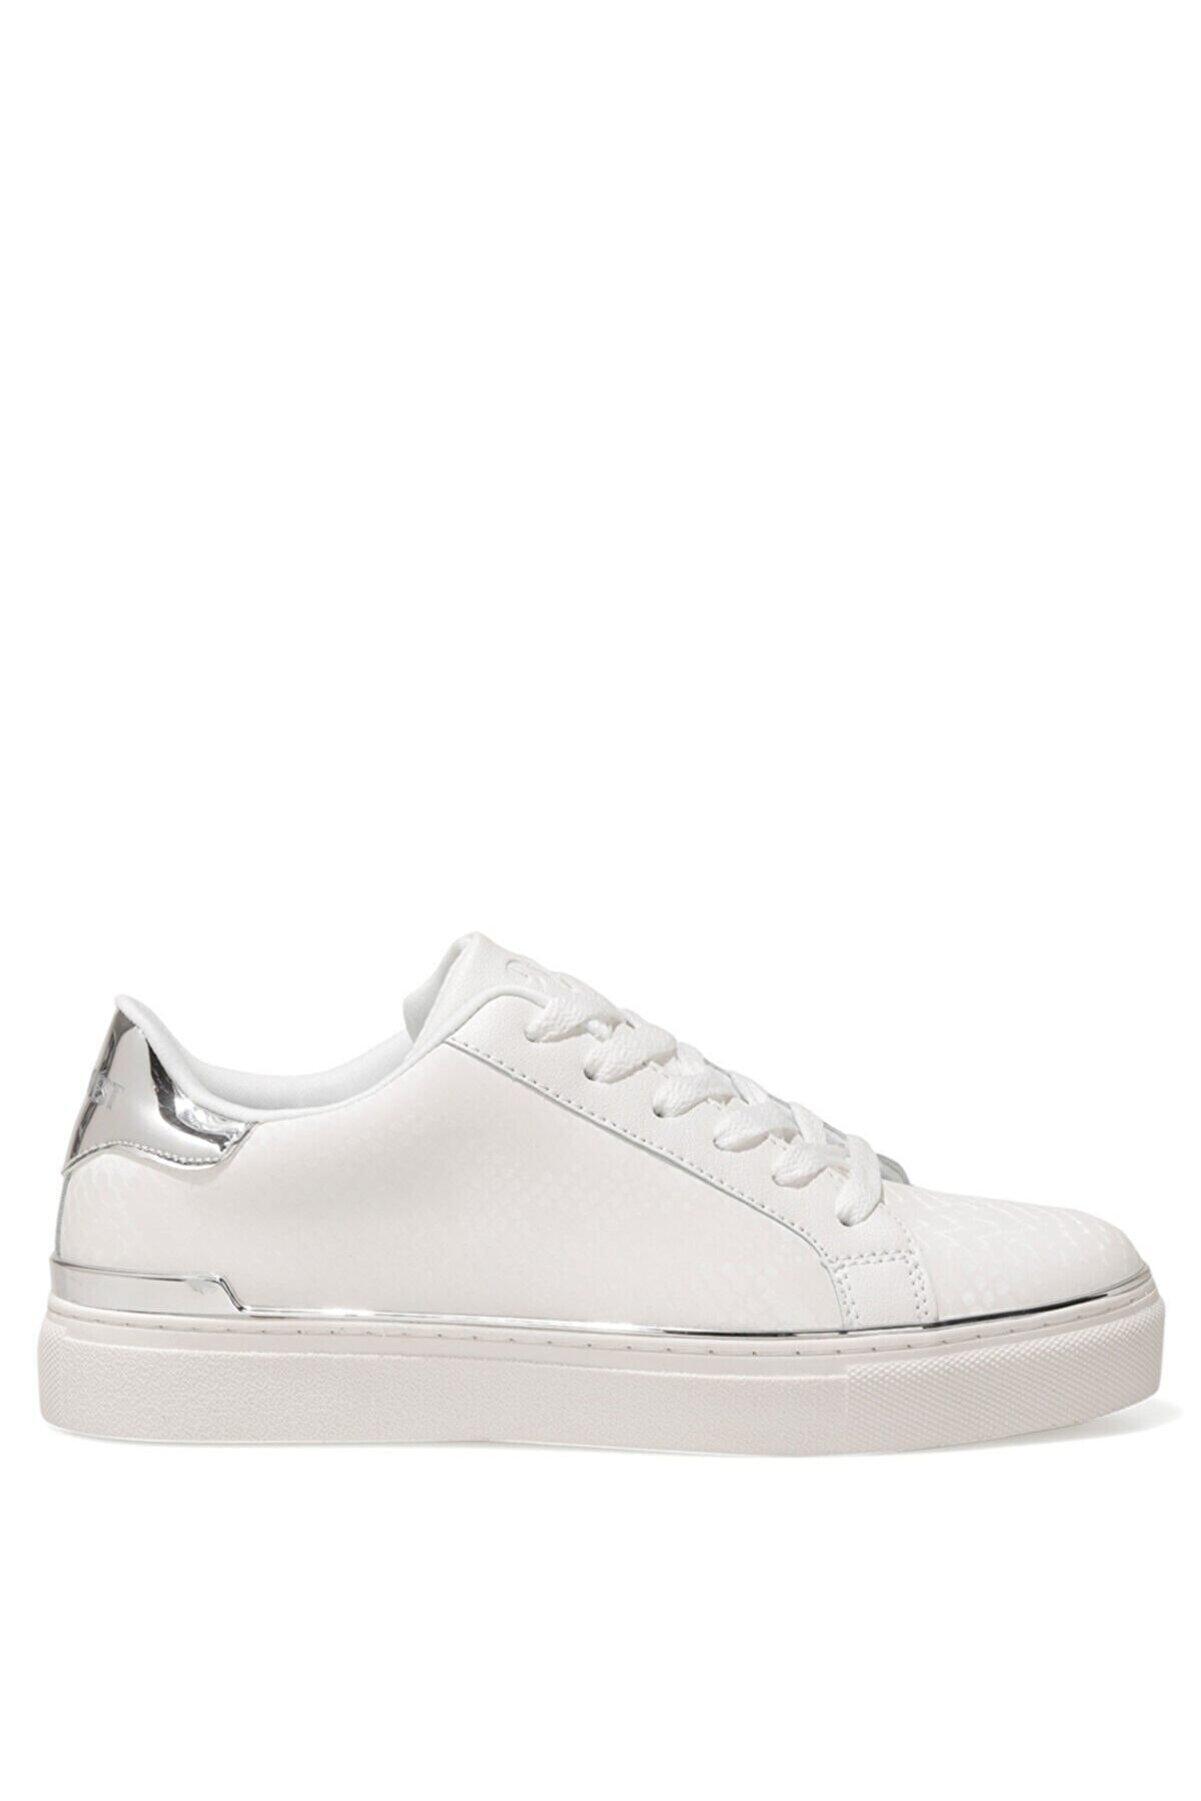 Nine West BEGANA 1FX Beyaz Kadın Sneaker Ayakkabı 101006860